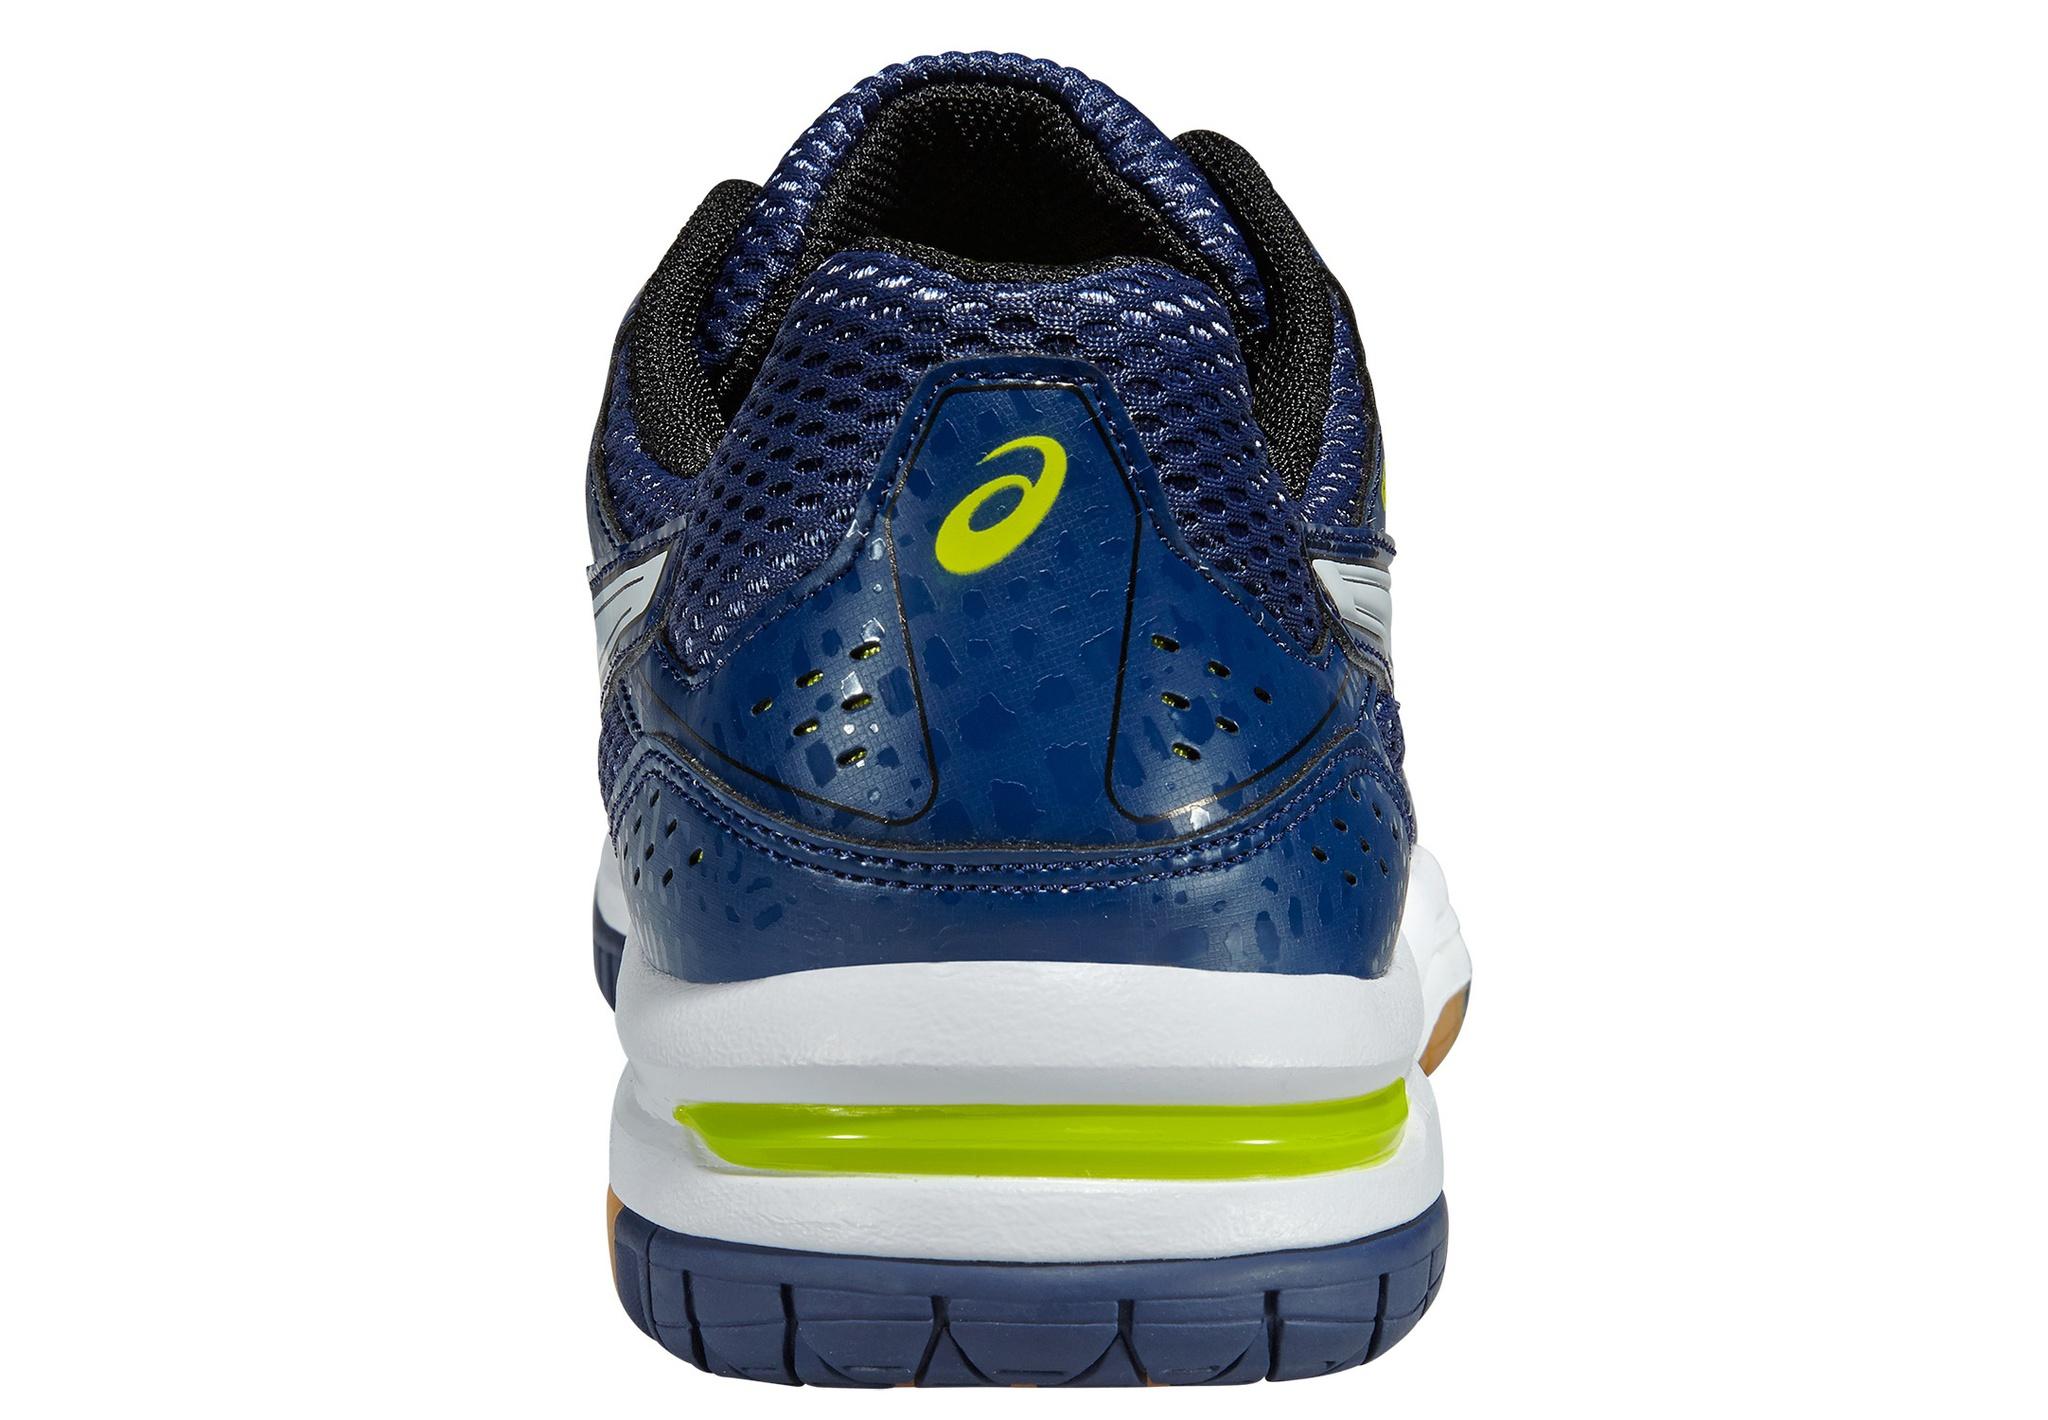 Мужские кроссовки для волейбола Asics Gel-Rocket 7 (B405N 5001) синие фото